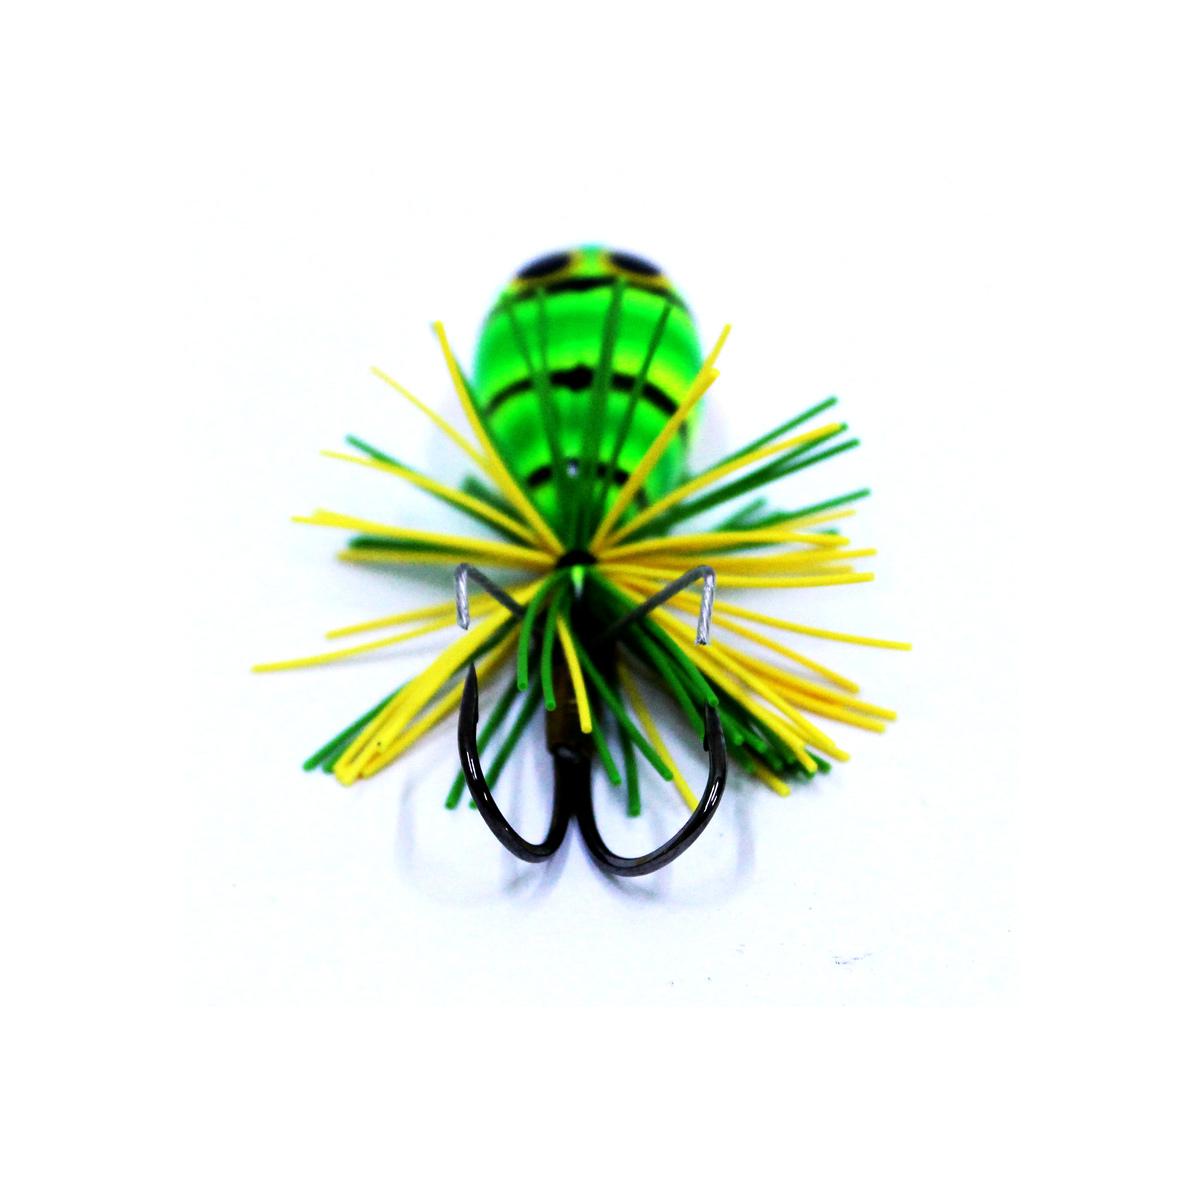 Mồi Câu Ếch Giả Lures Factory Nano Jump Green - Xanh Lá